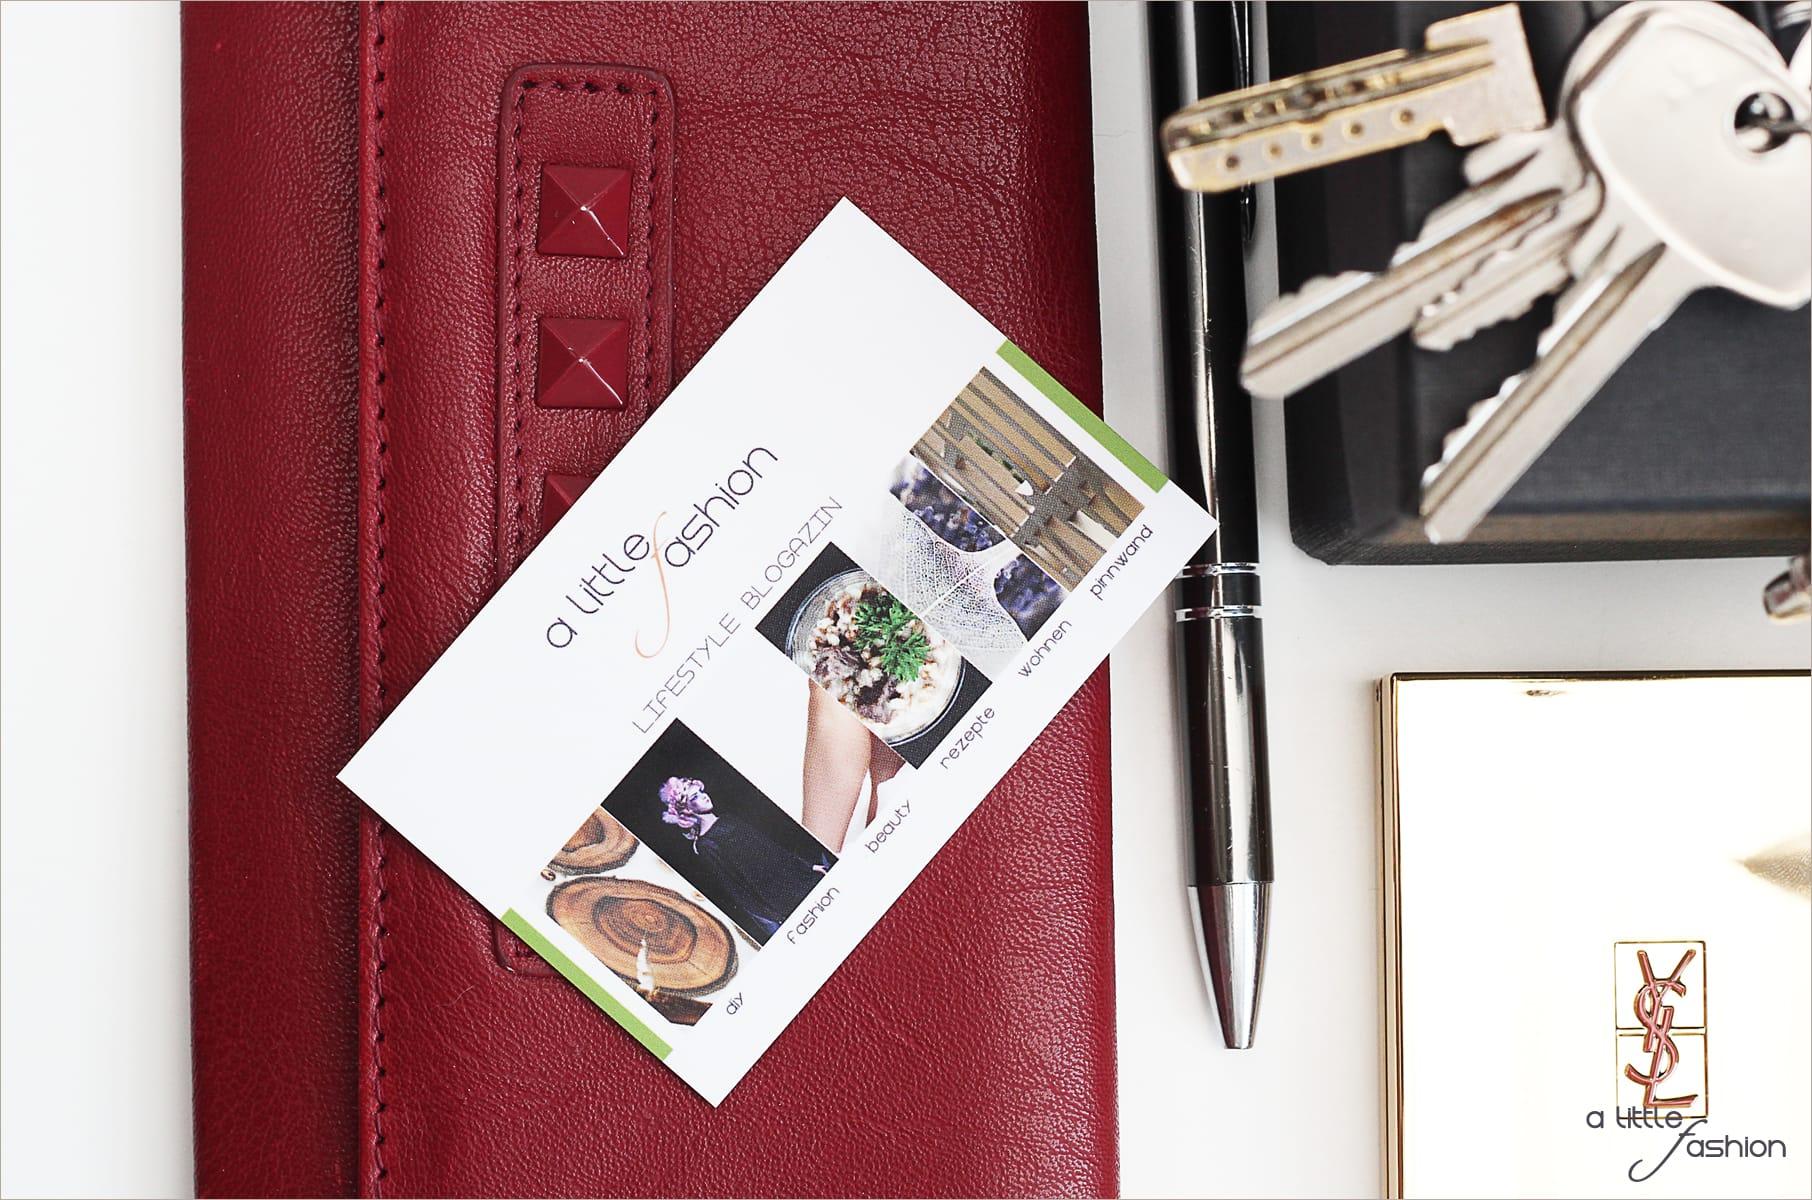 Praktische Helfer für die Handtasche | A Little Fashion | https://www.filizity.com/lifestyle/praktische-helfer-fuer-die-handtasche